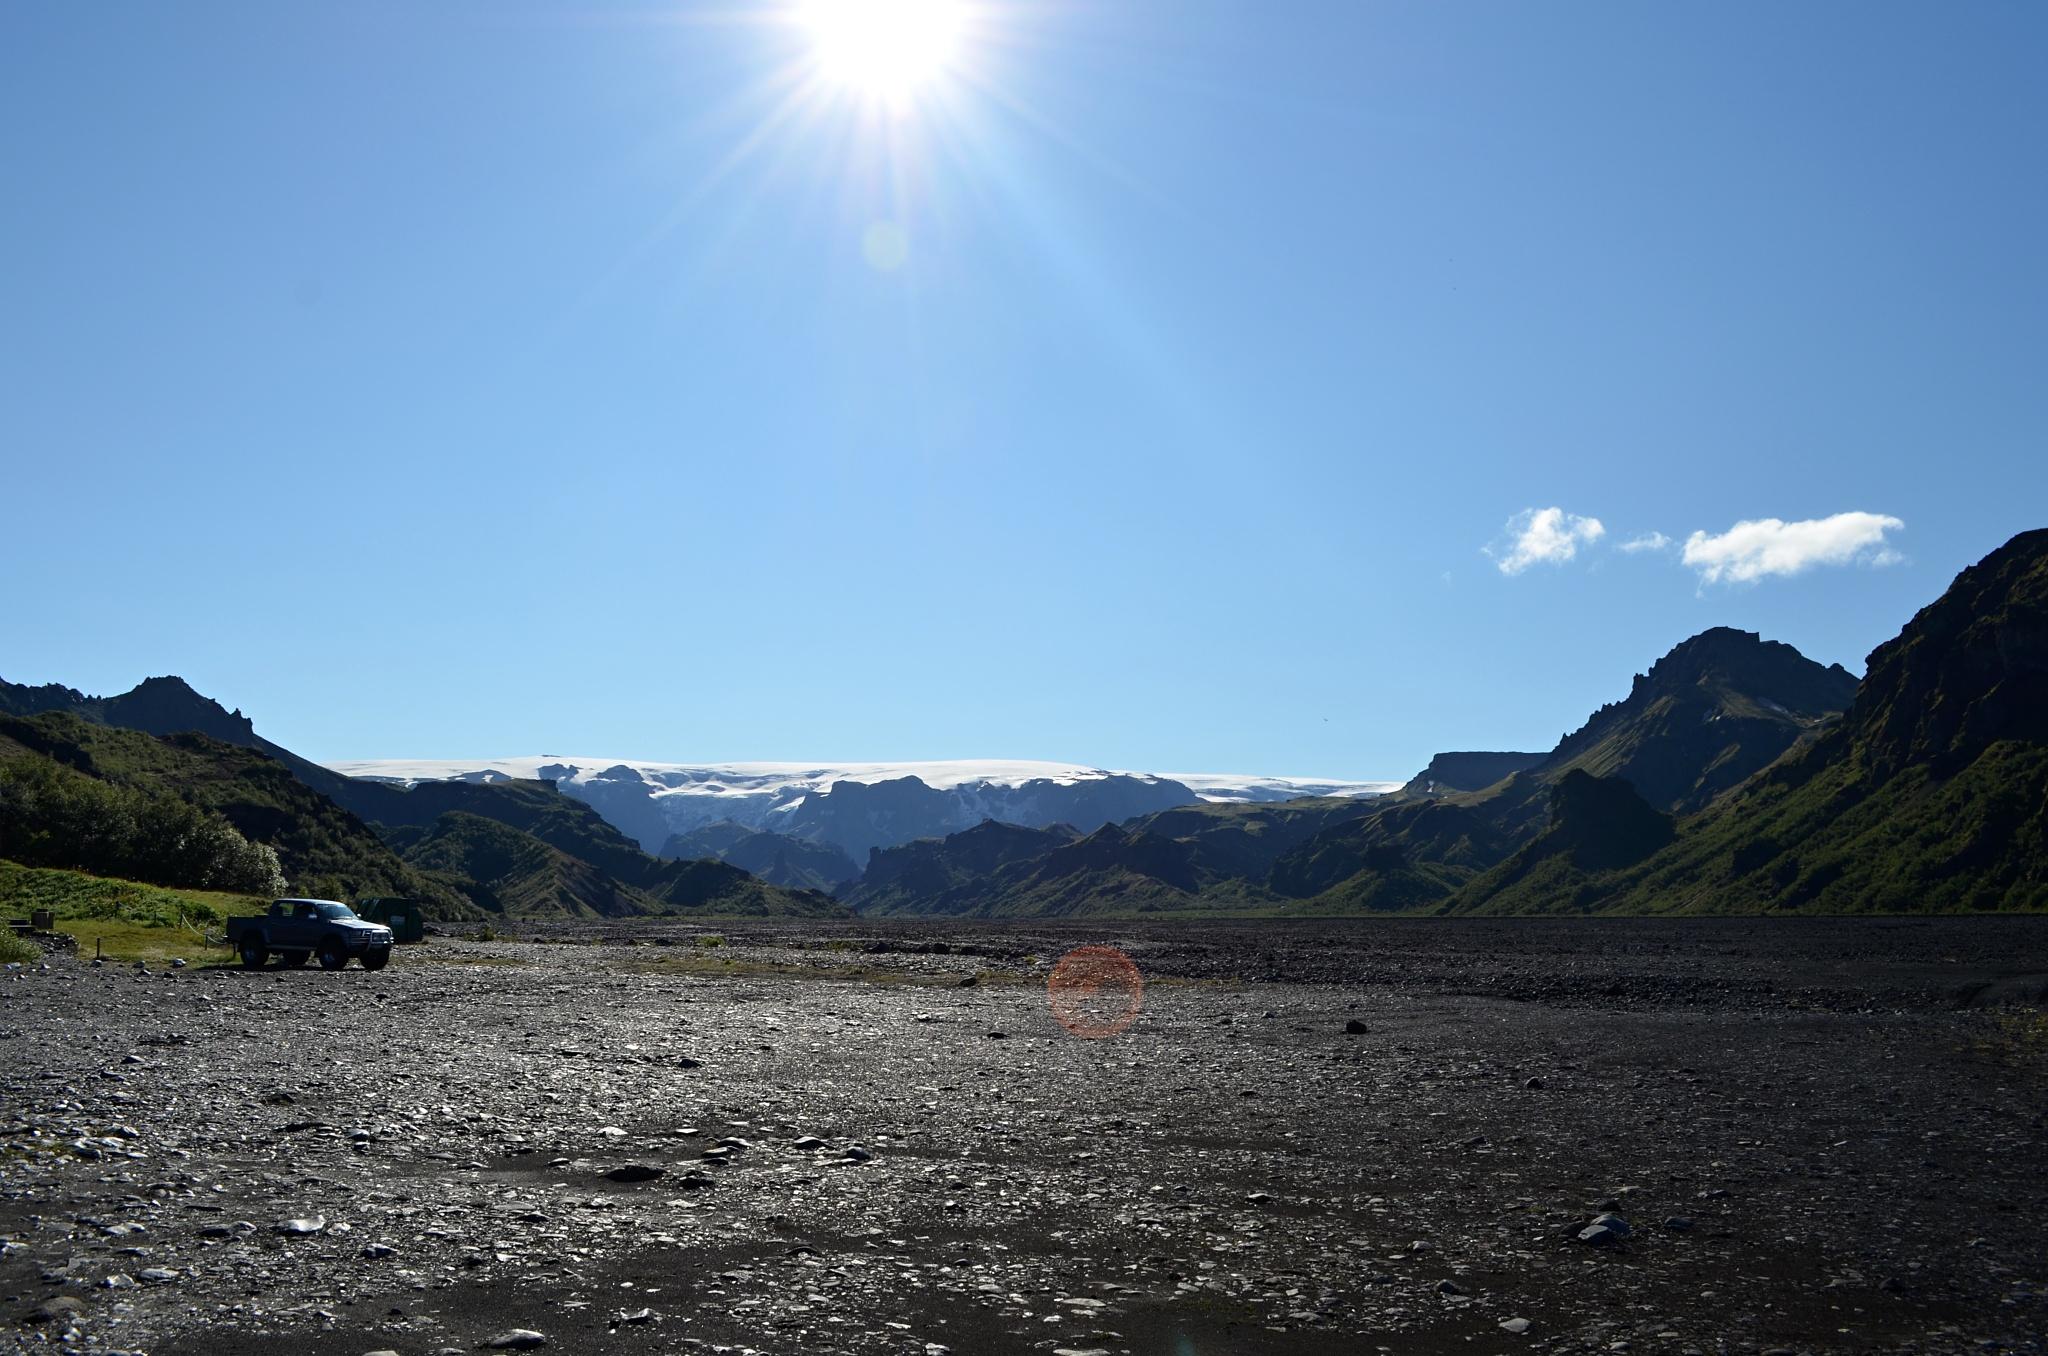 Pohled na koryto řeky Krossá, v dálce je ledovec Mýrdalsjökull